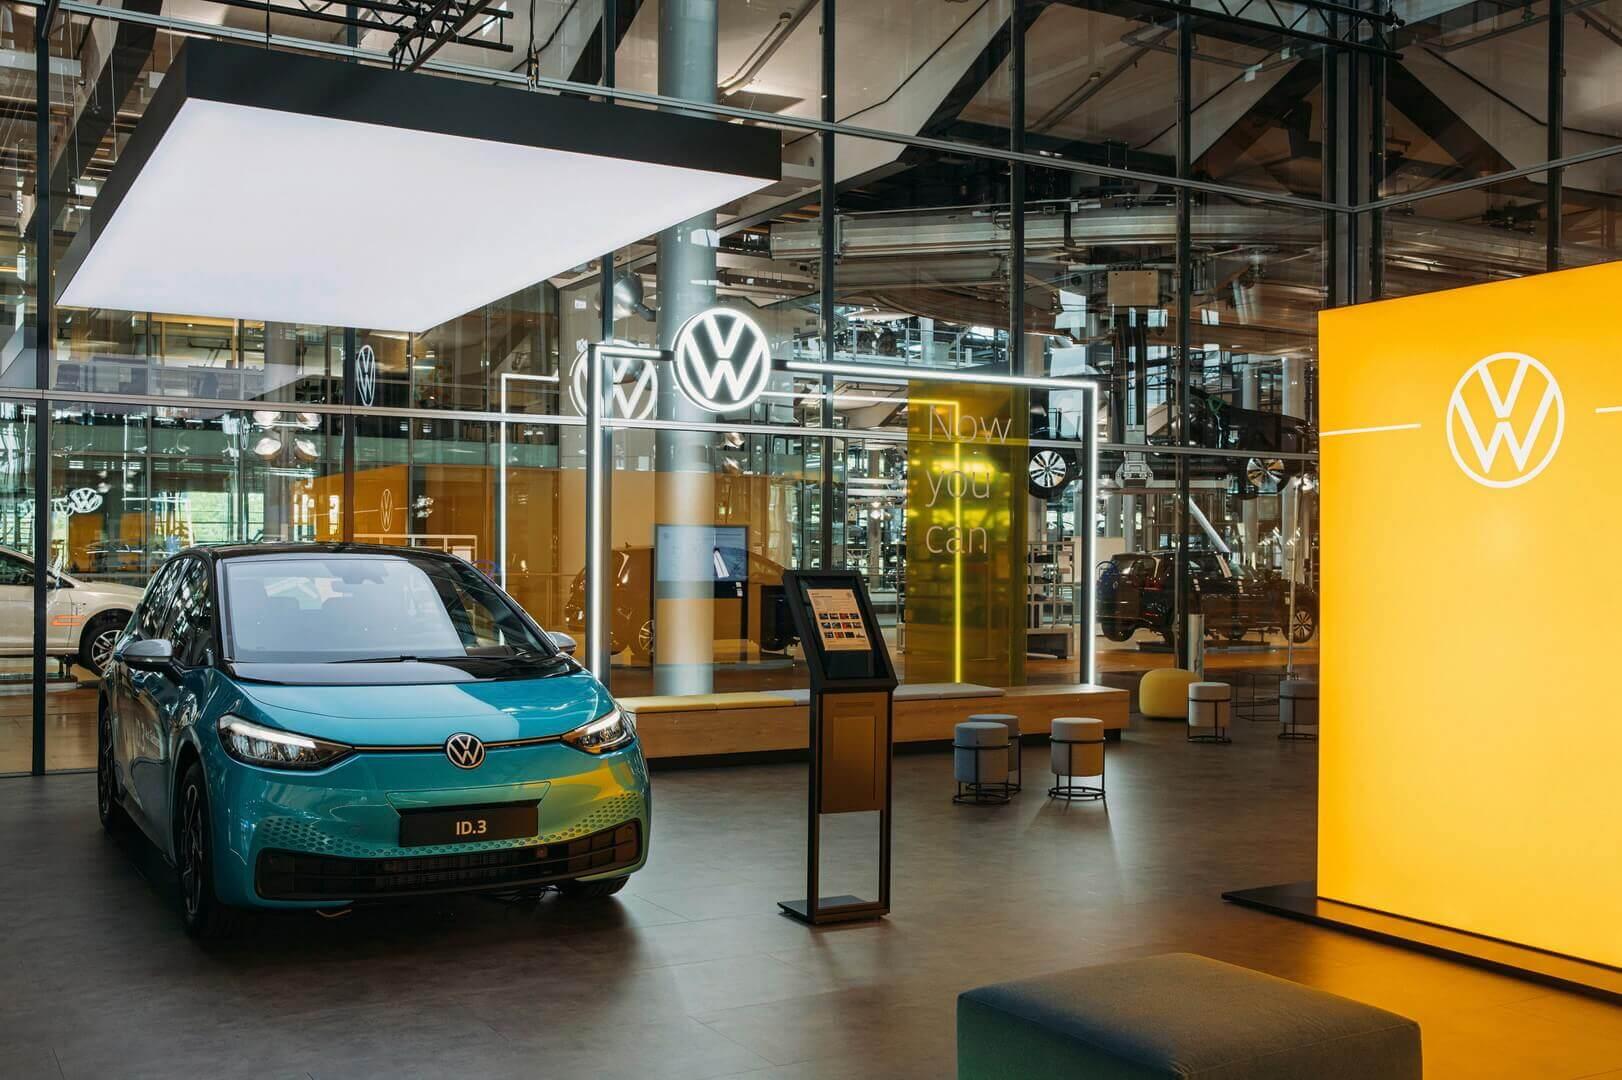 Volkswagen открывает ID. Store перед запуском ID.3 в Германии